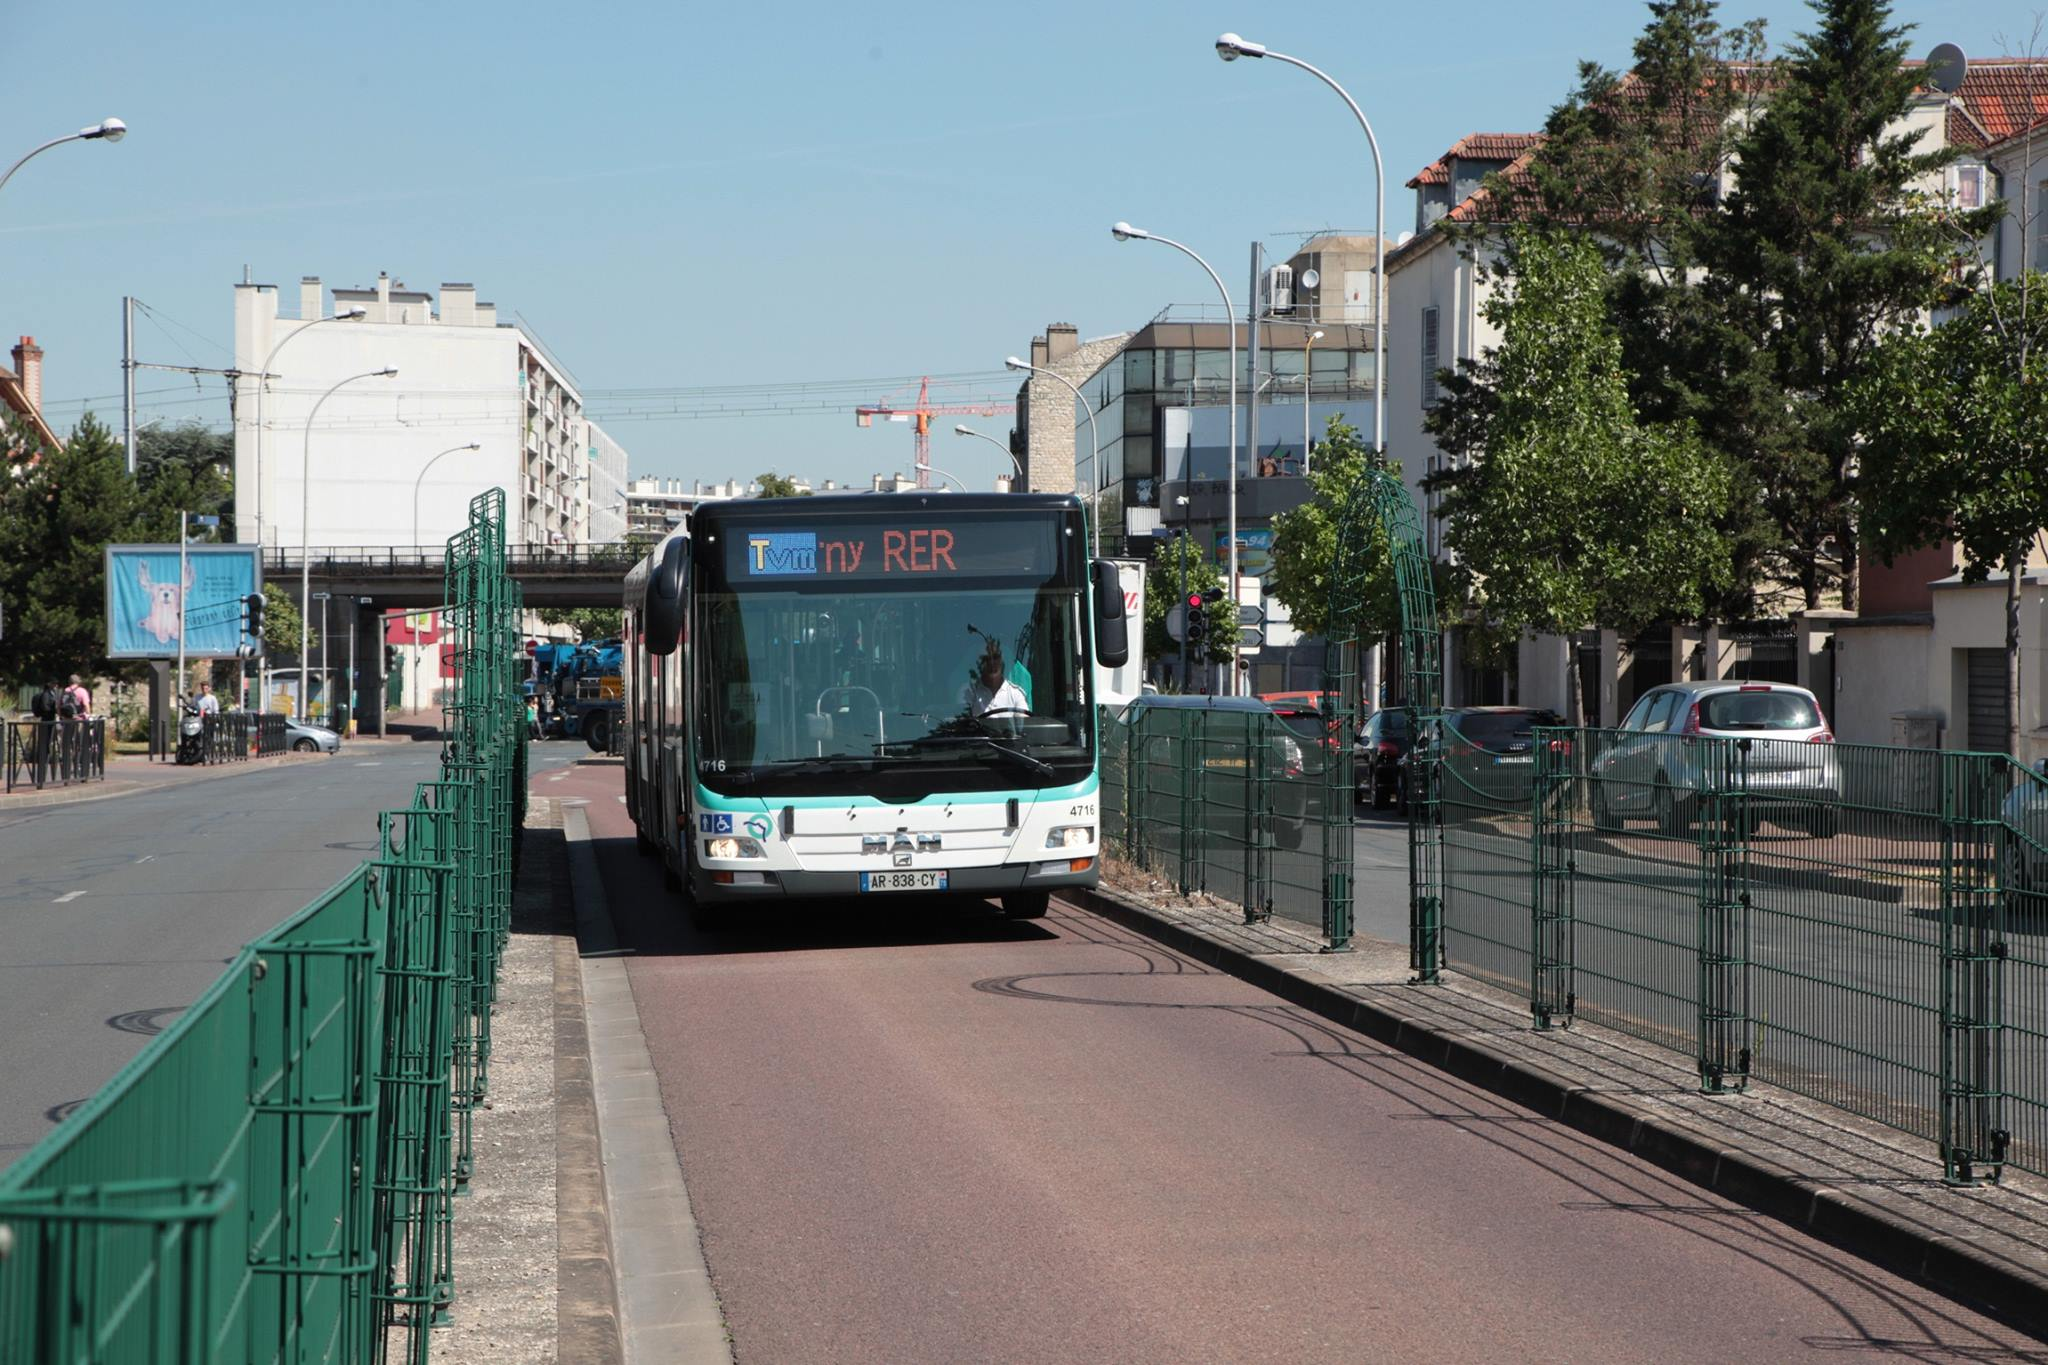 Victoire de Saint-Maur : le président du CG confirme la suspension du TVM